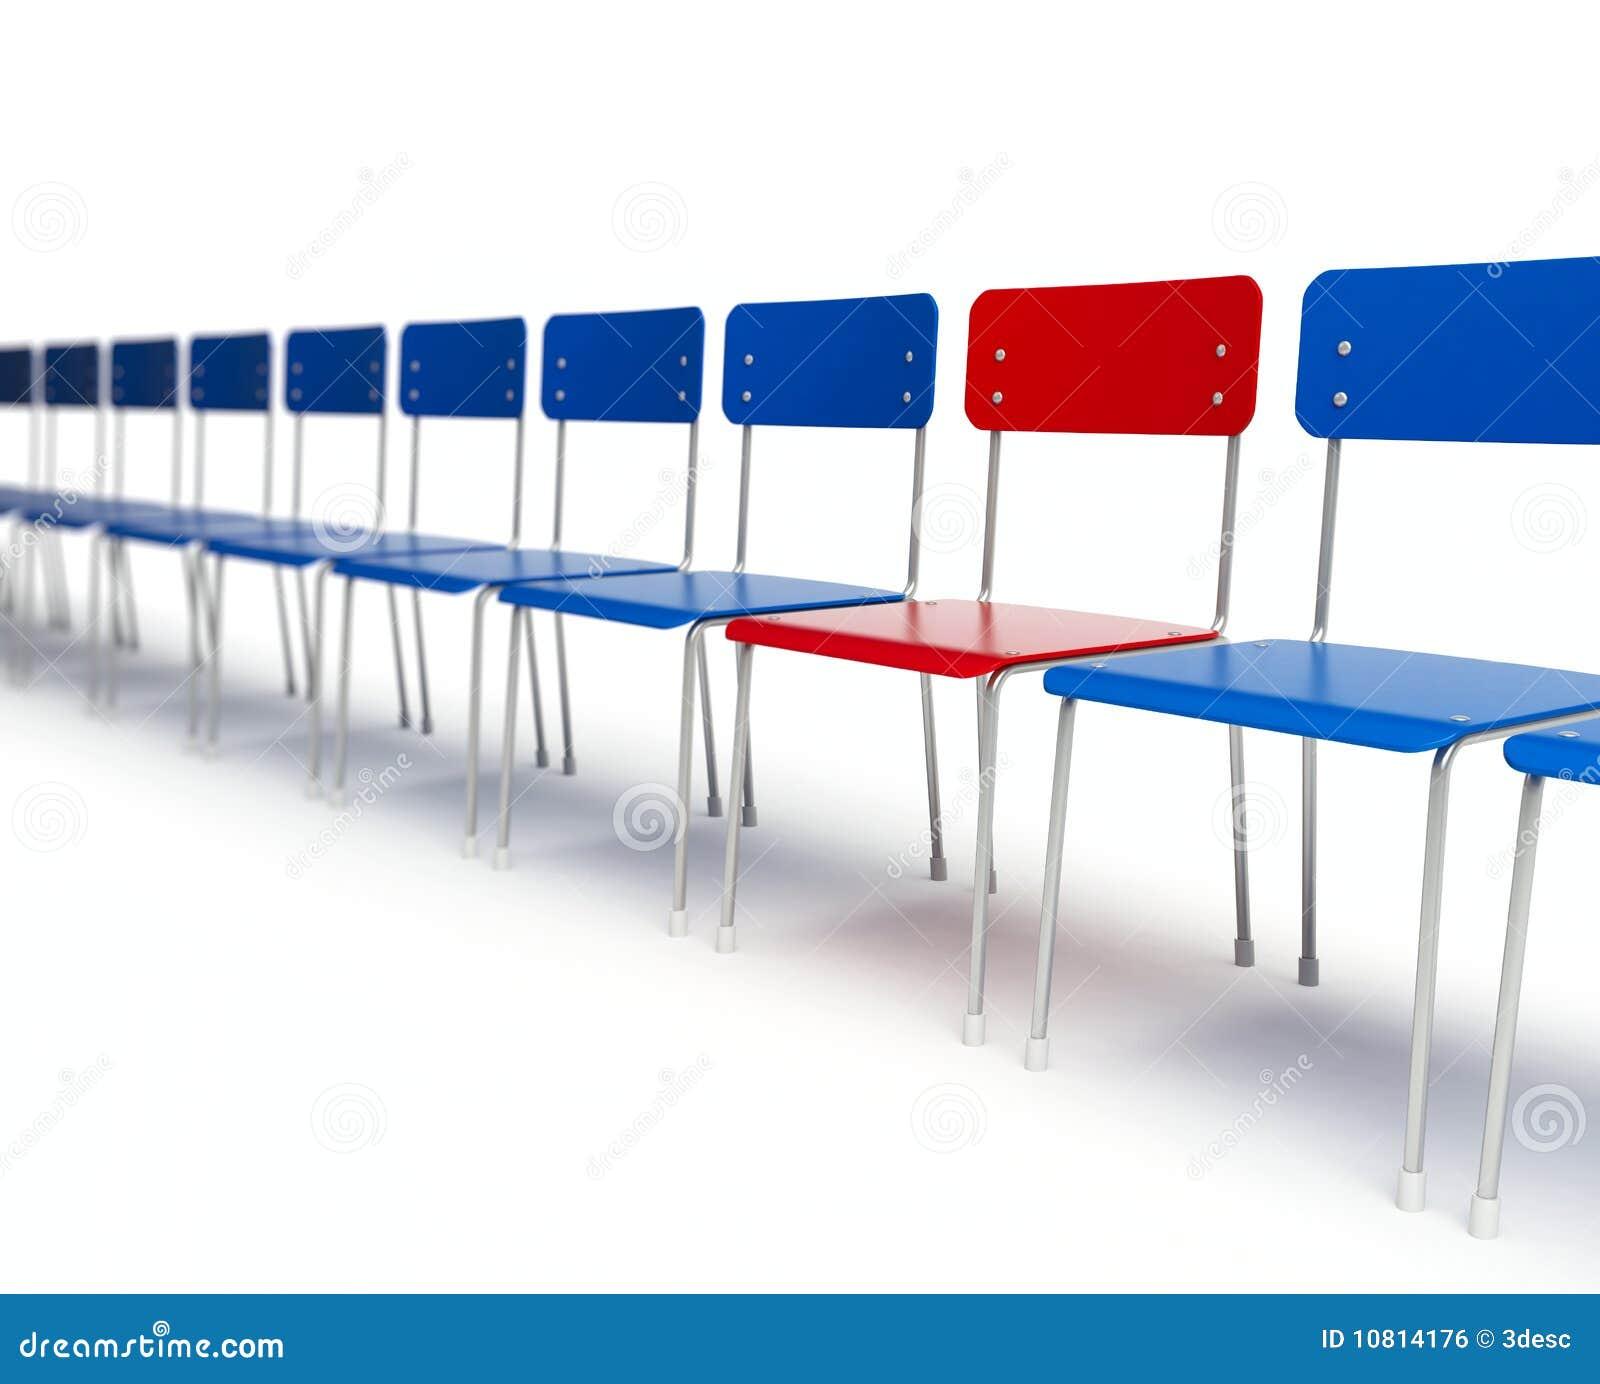 Stock AbbildungIllustration ModernGrundlegend Stuhlreihe Von Stuhlreihe Stock Von AbbildungIllustration rCdBshtQx